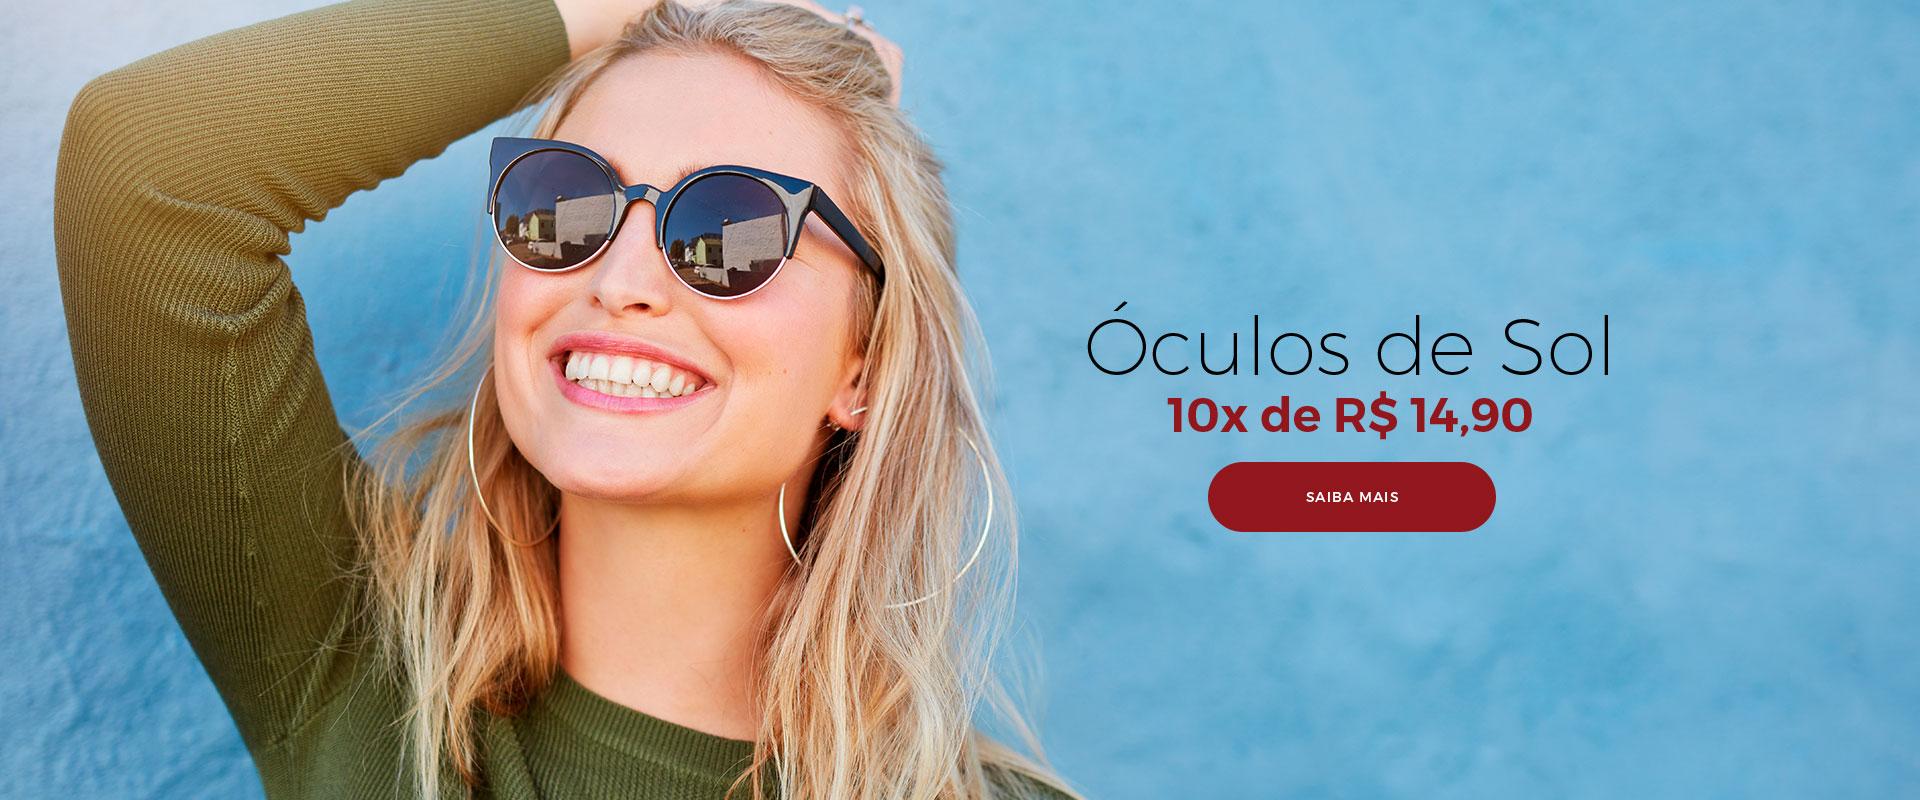 Óculos de Sol 10x de R$ 14,90